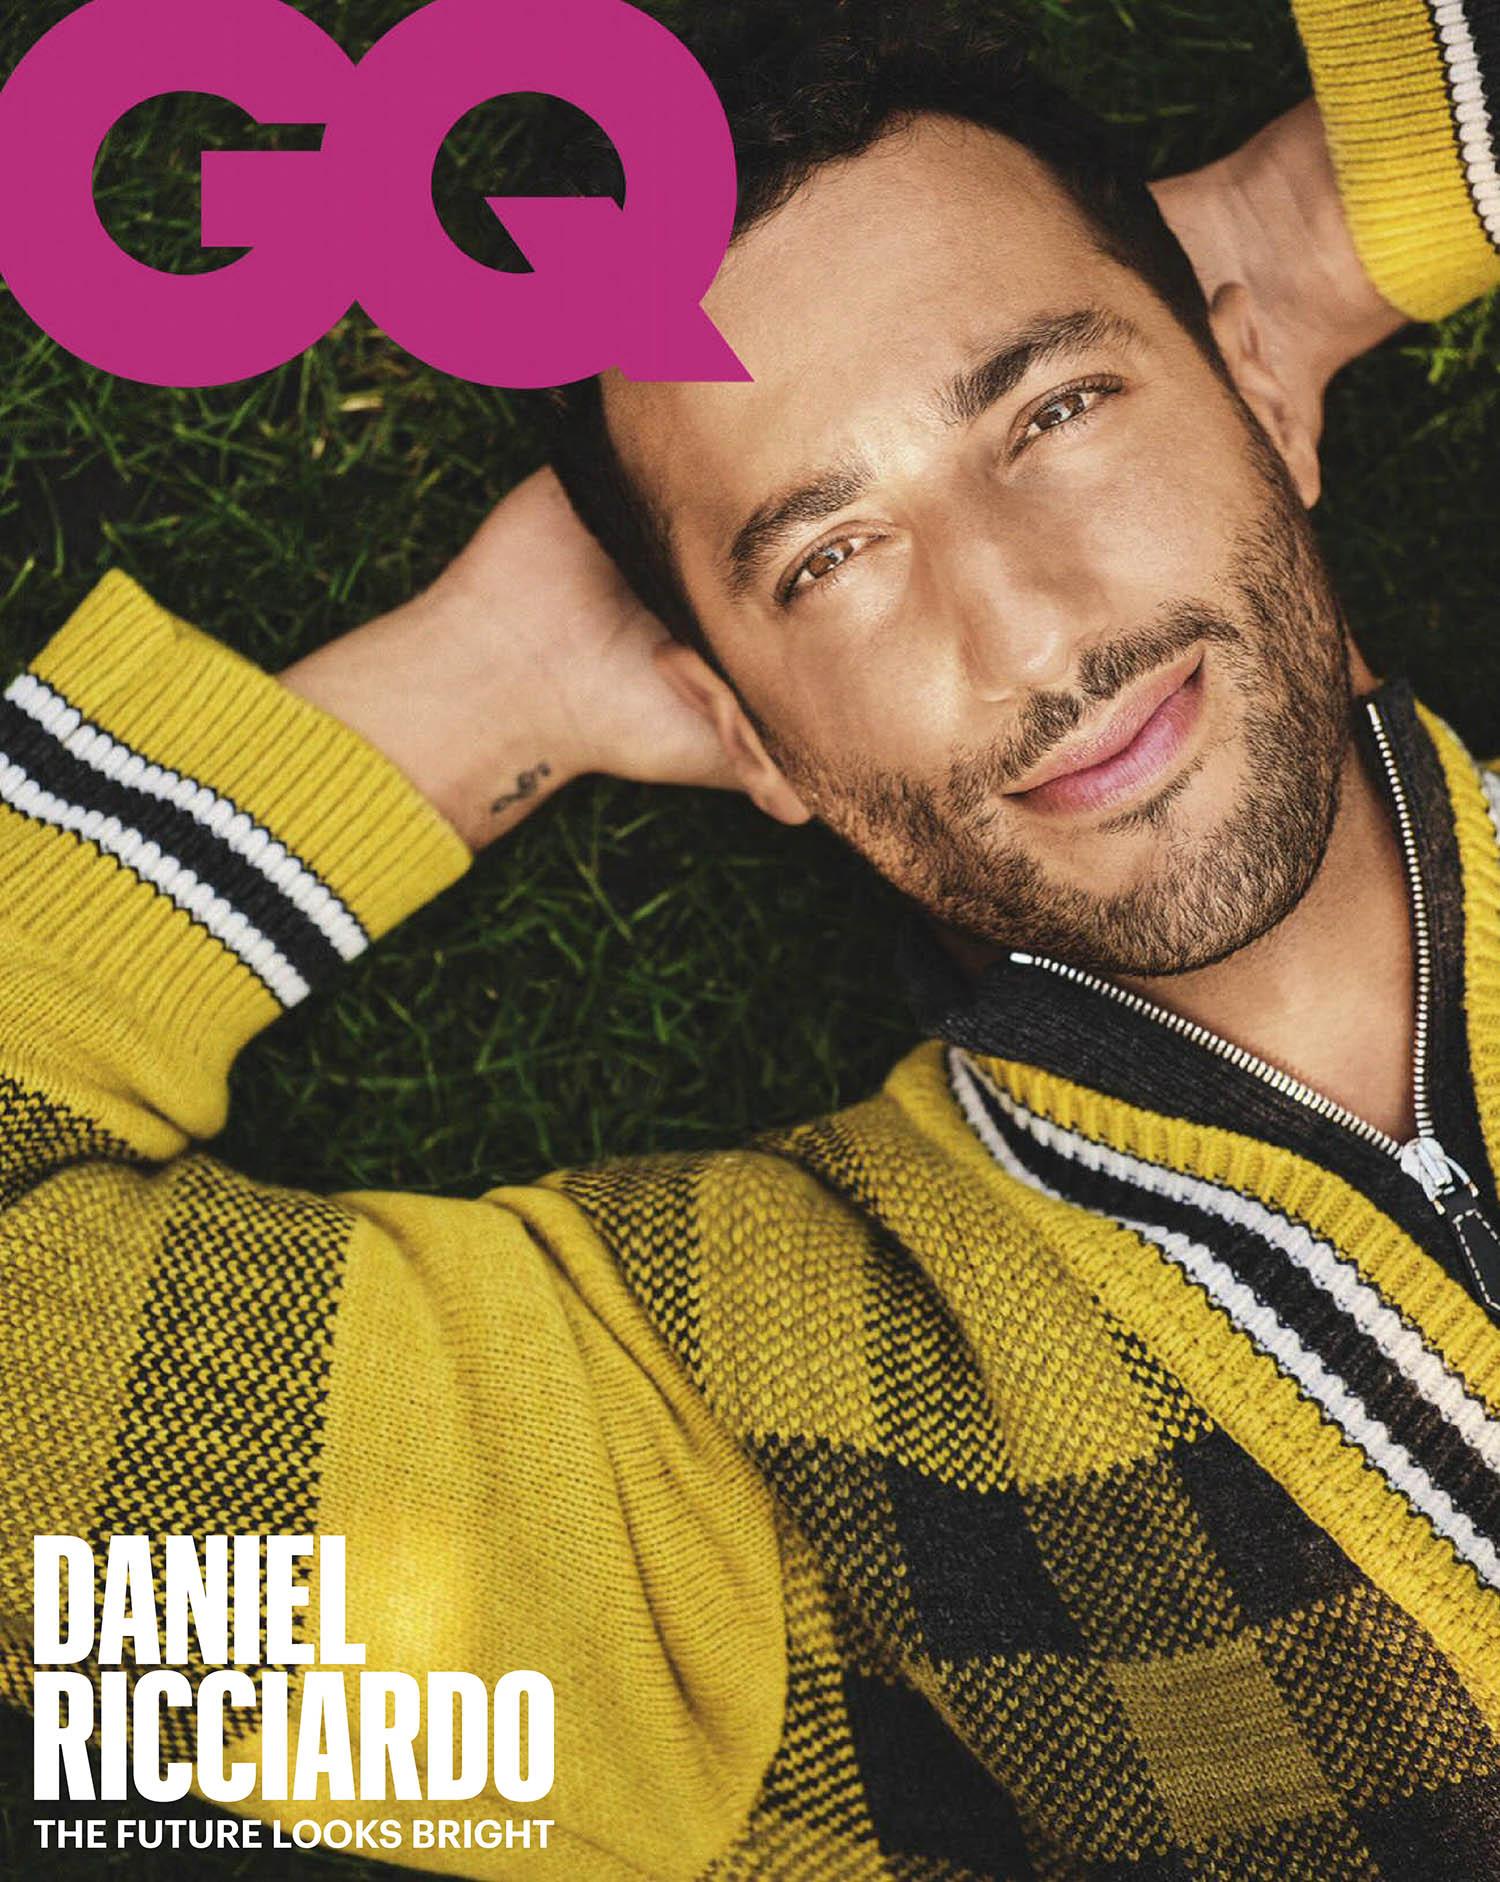 Daniel Ricciardo covers GQ Australia November-December 2020 by Tom Sloan